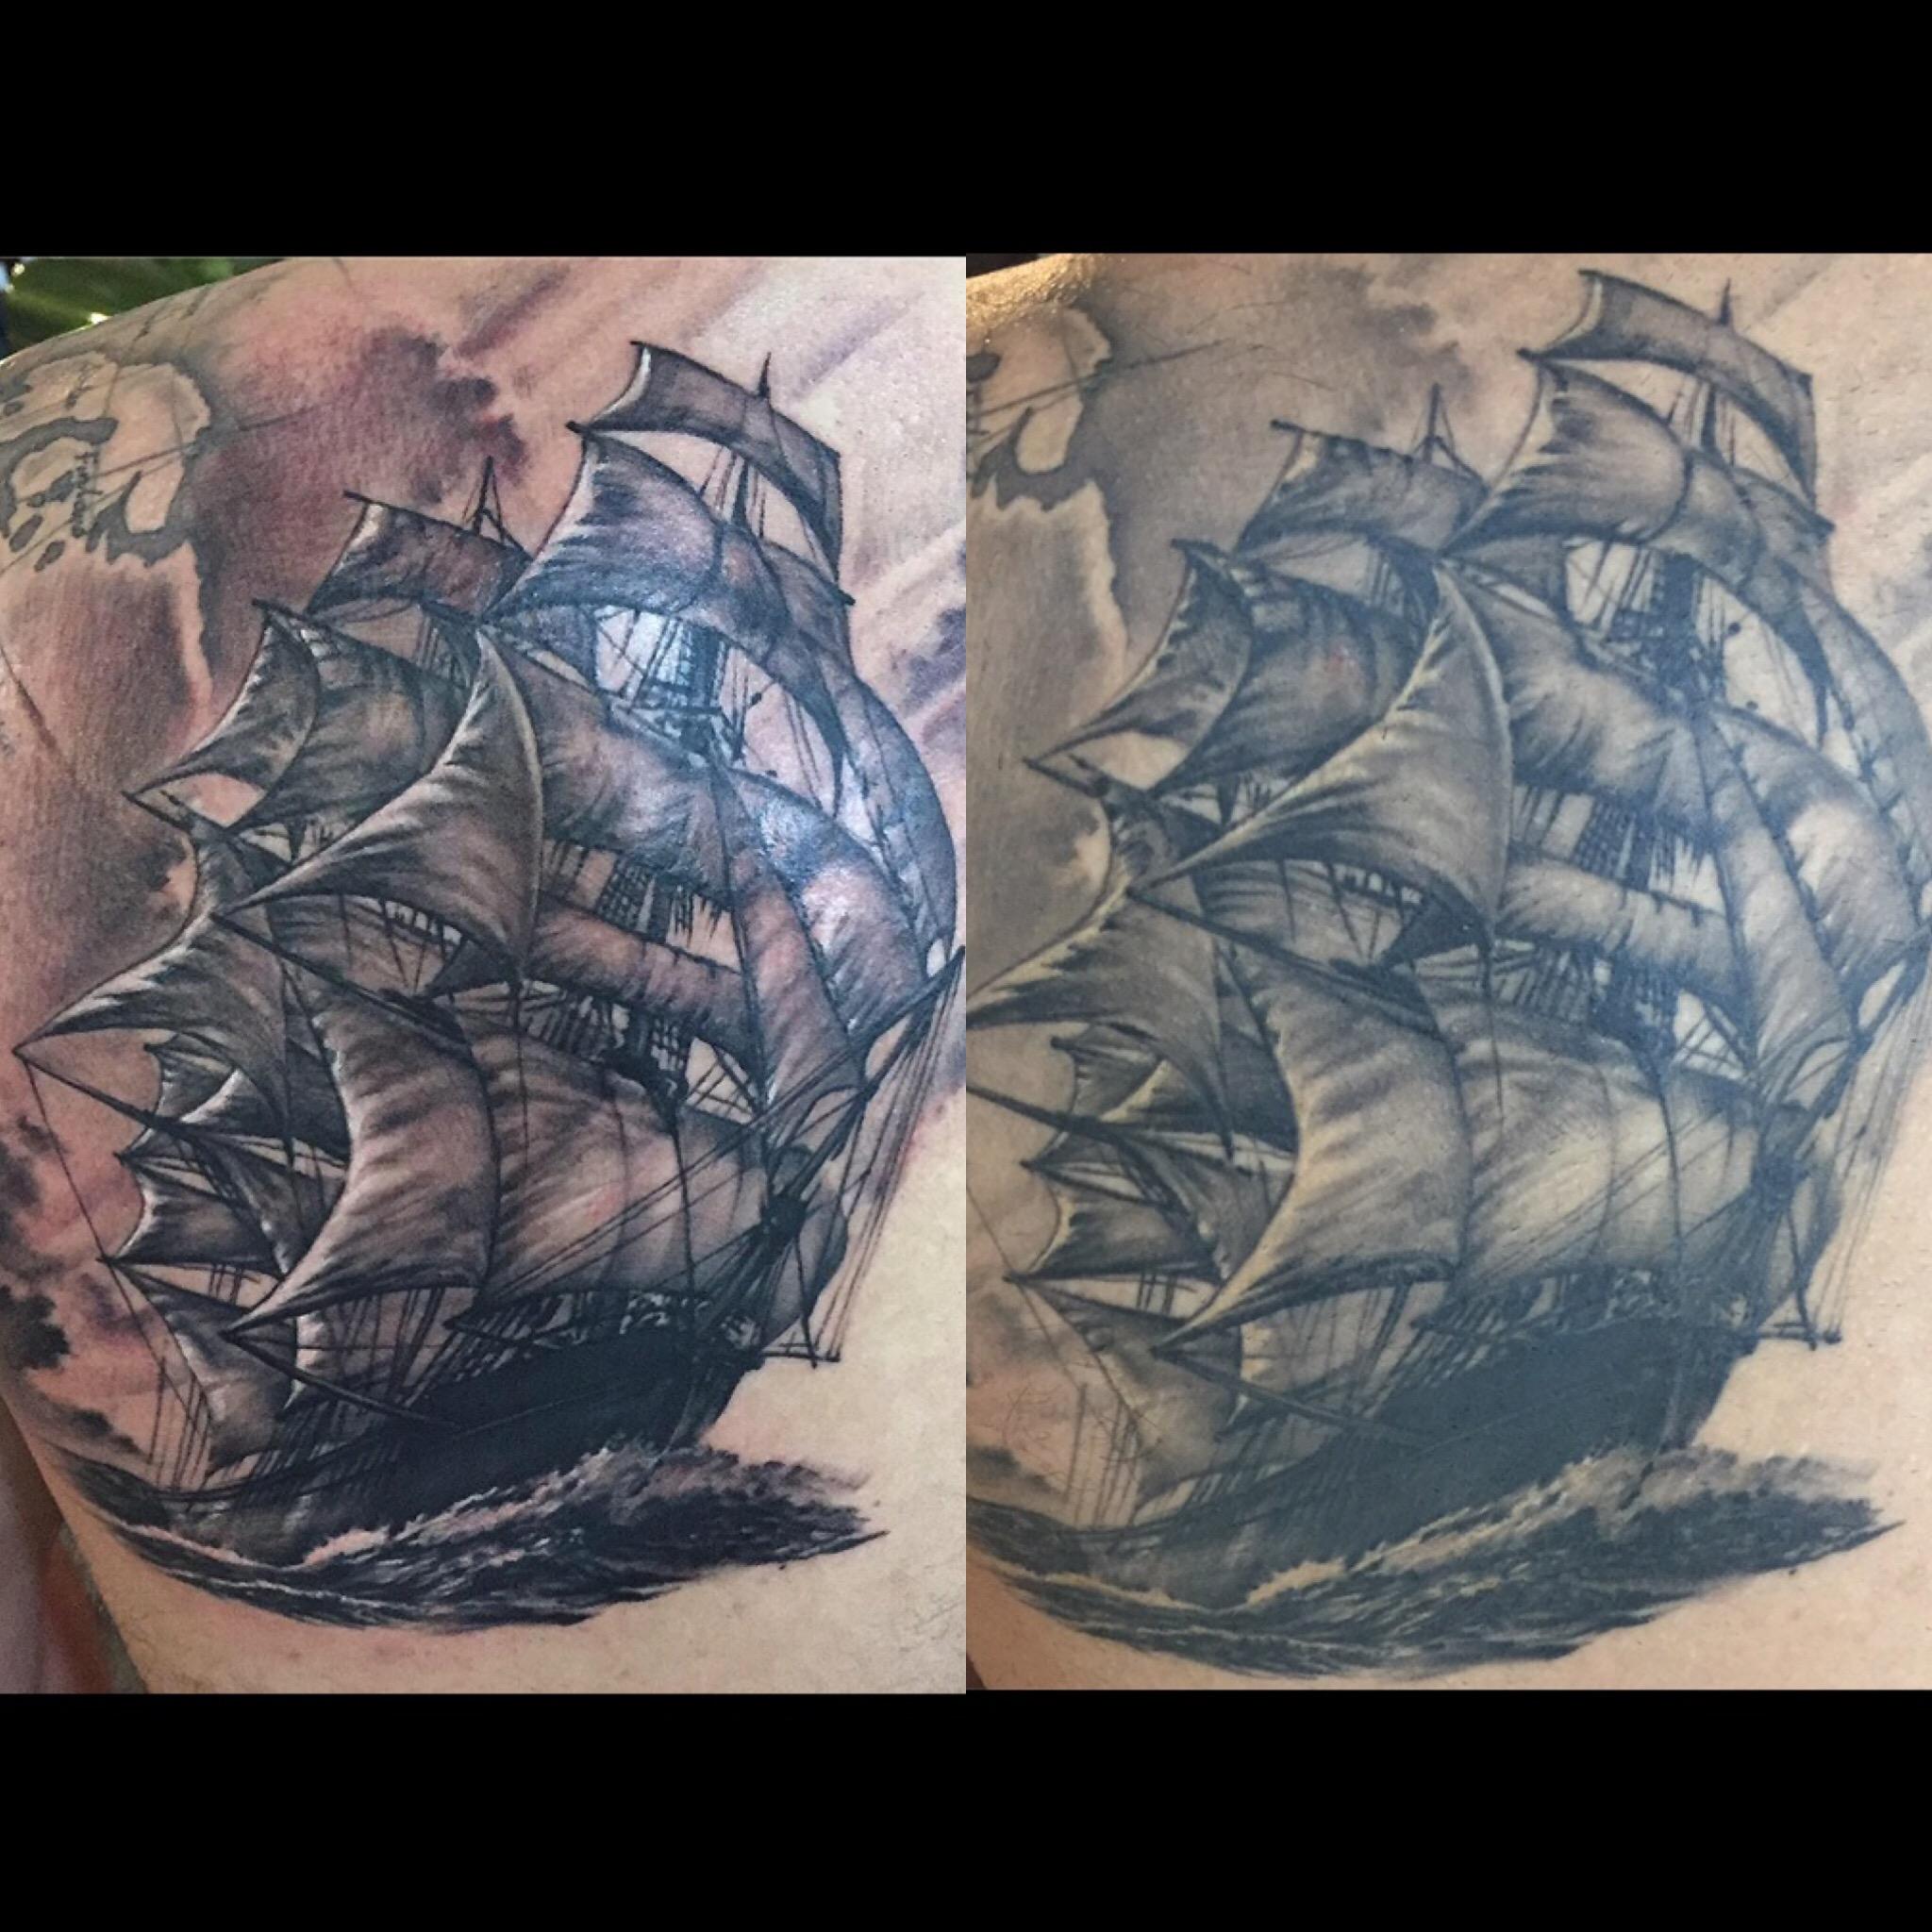 A ship tattoo